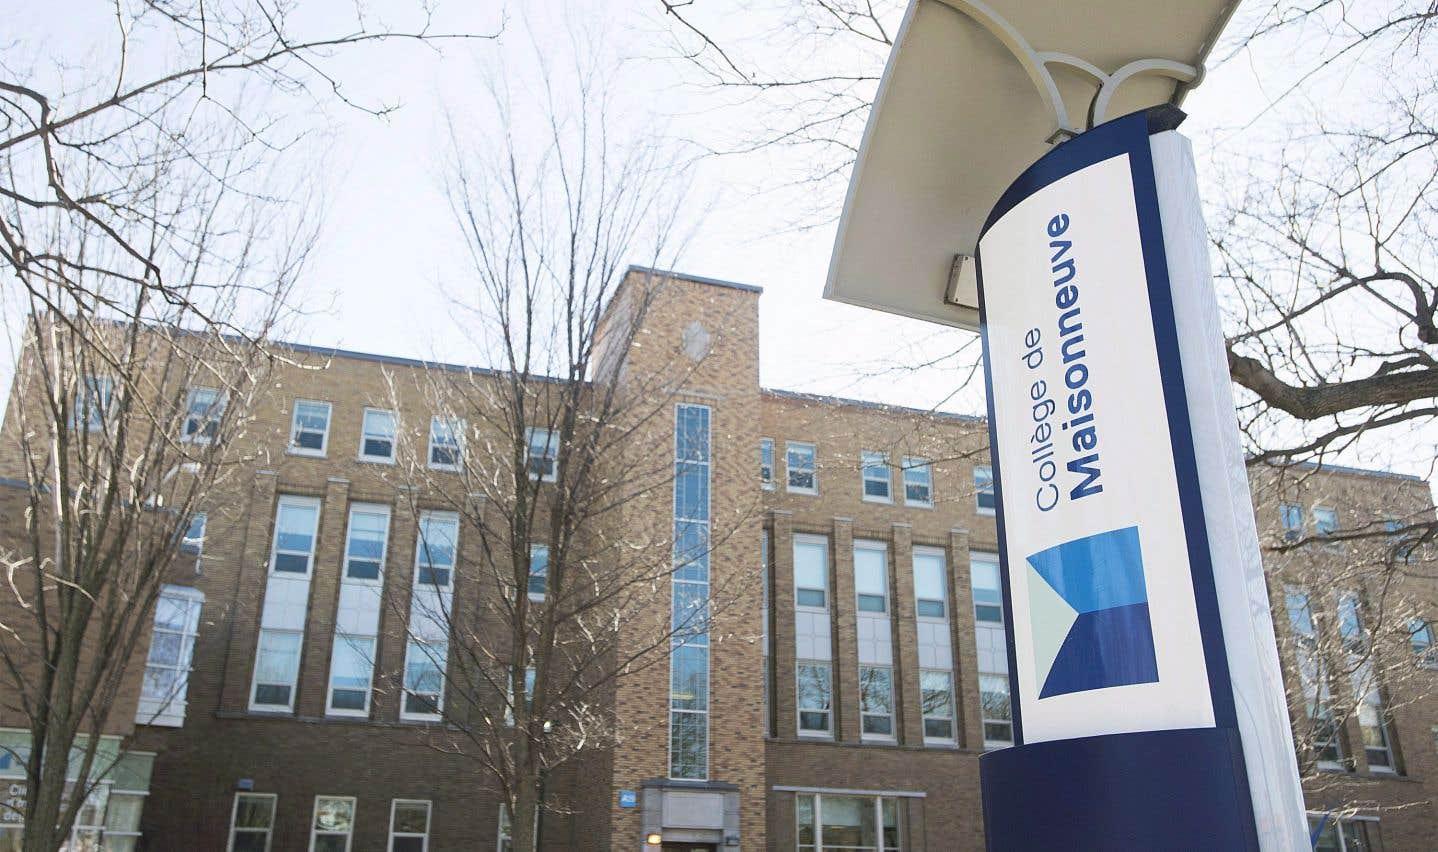 Plusieurs enseignants du collège de Maisonneuve déclarent avoir adopté au fil du temps une forme d'autocensure pour éviter d'être indisposés par des affrontements d'ordre culturel ou religieux.